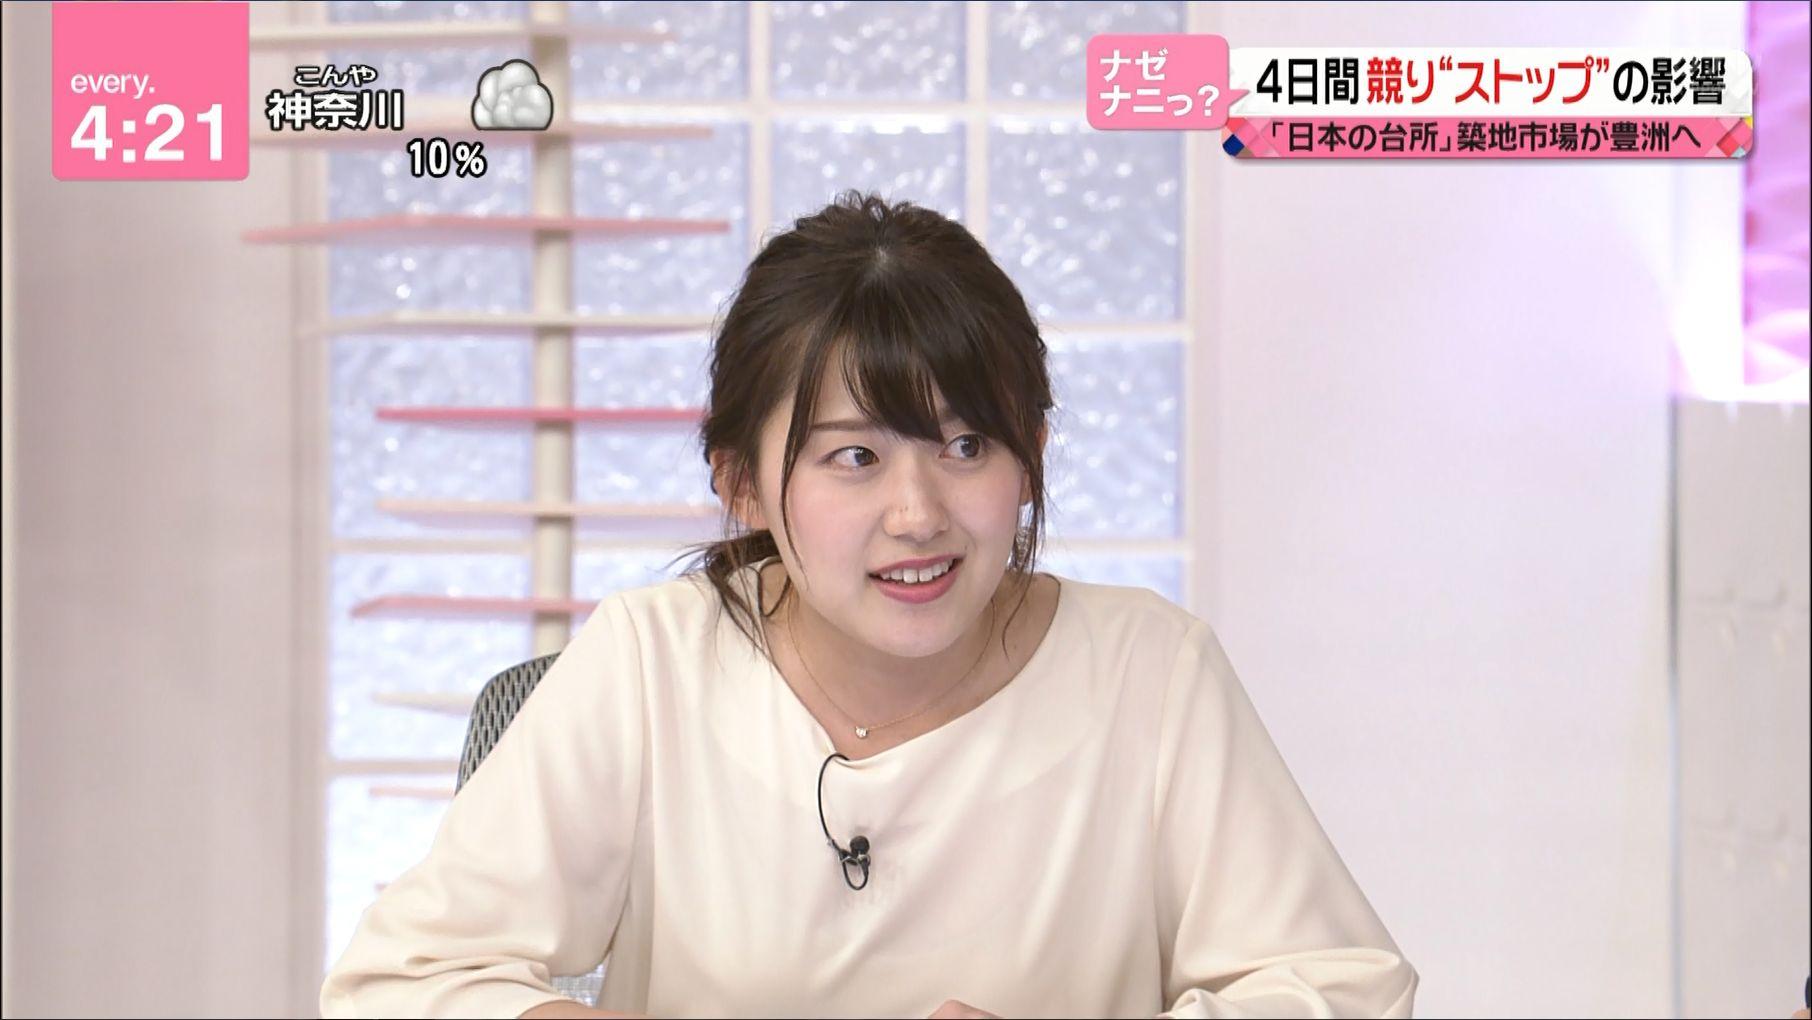 ニュース番組の尾崎里紗アナ